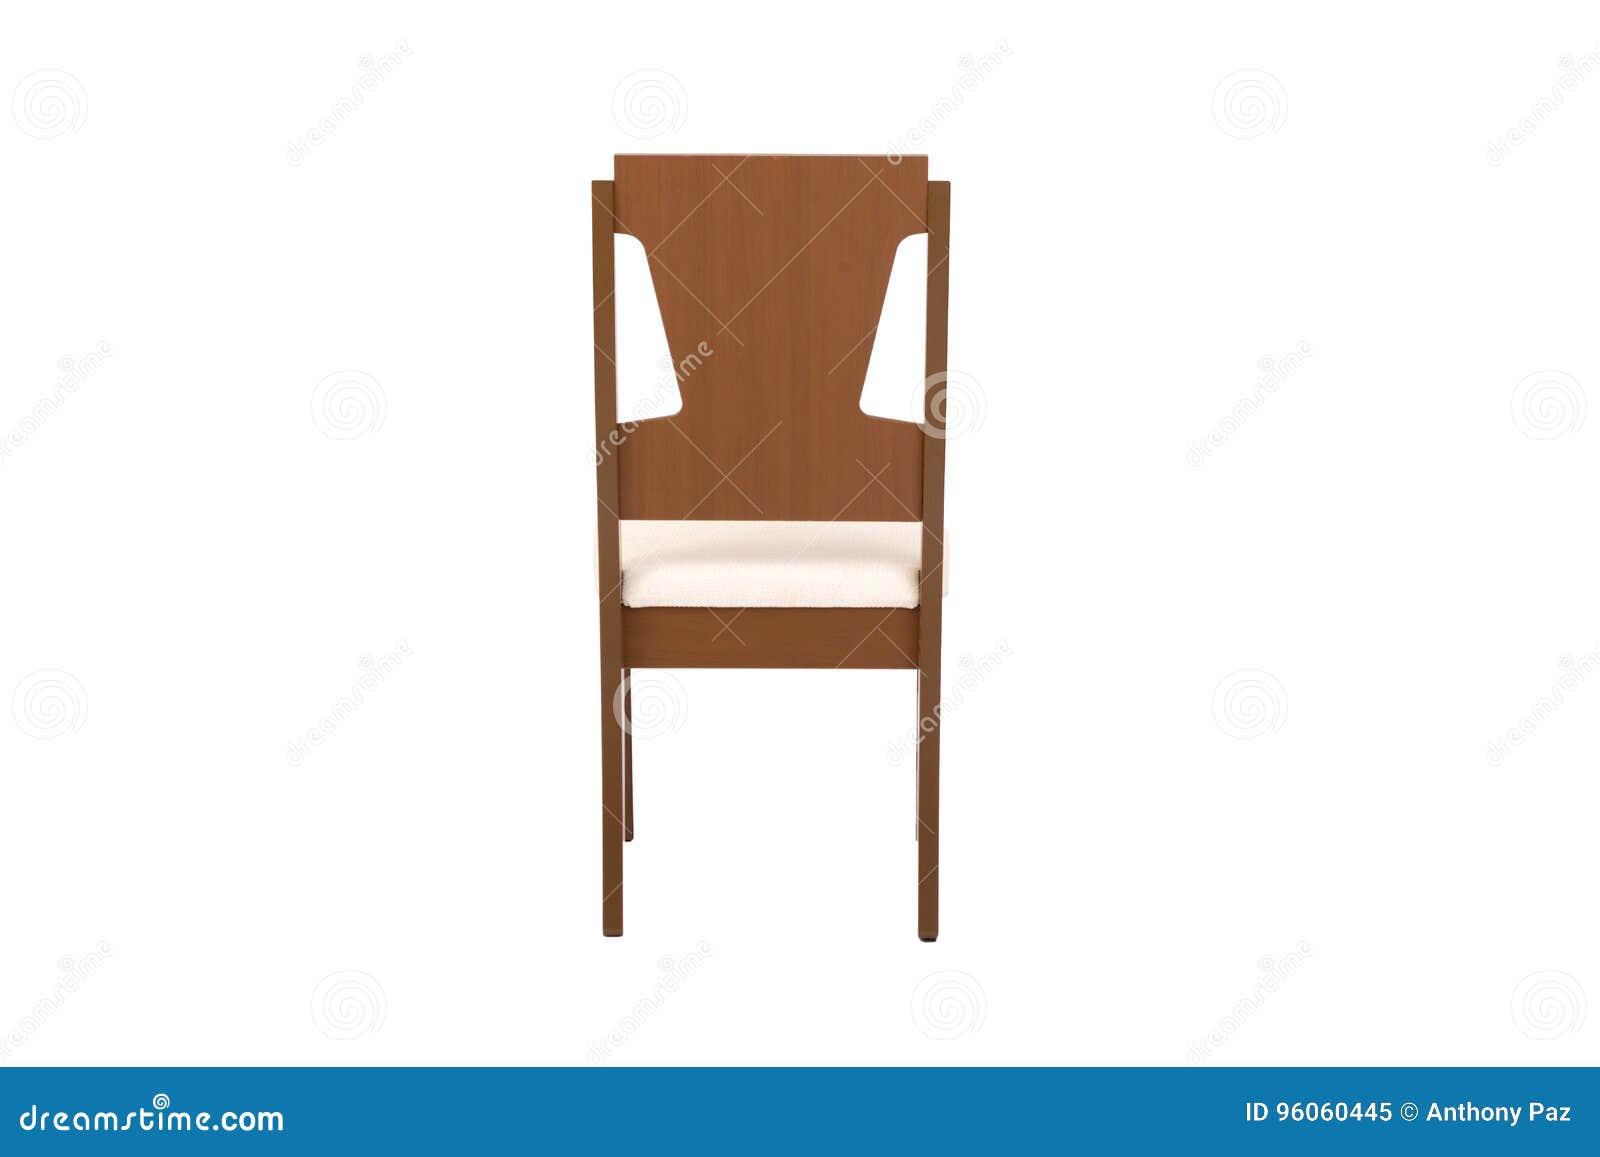 木椅子 对象被隔绝背景